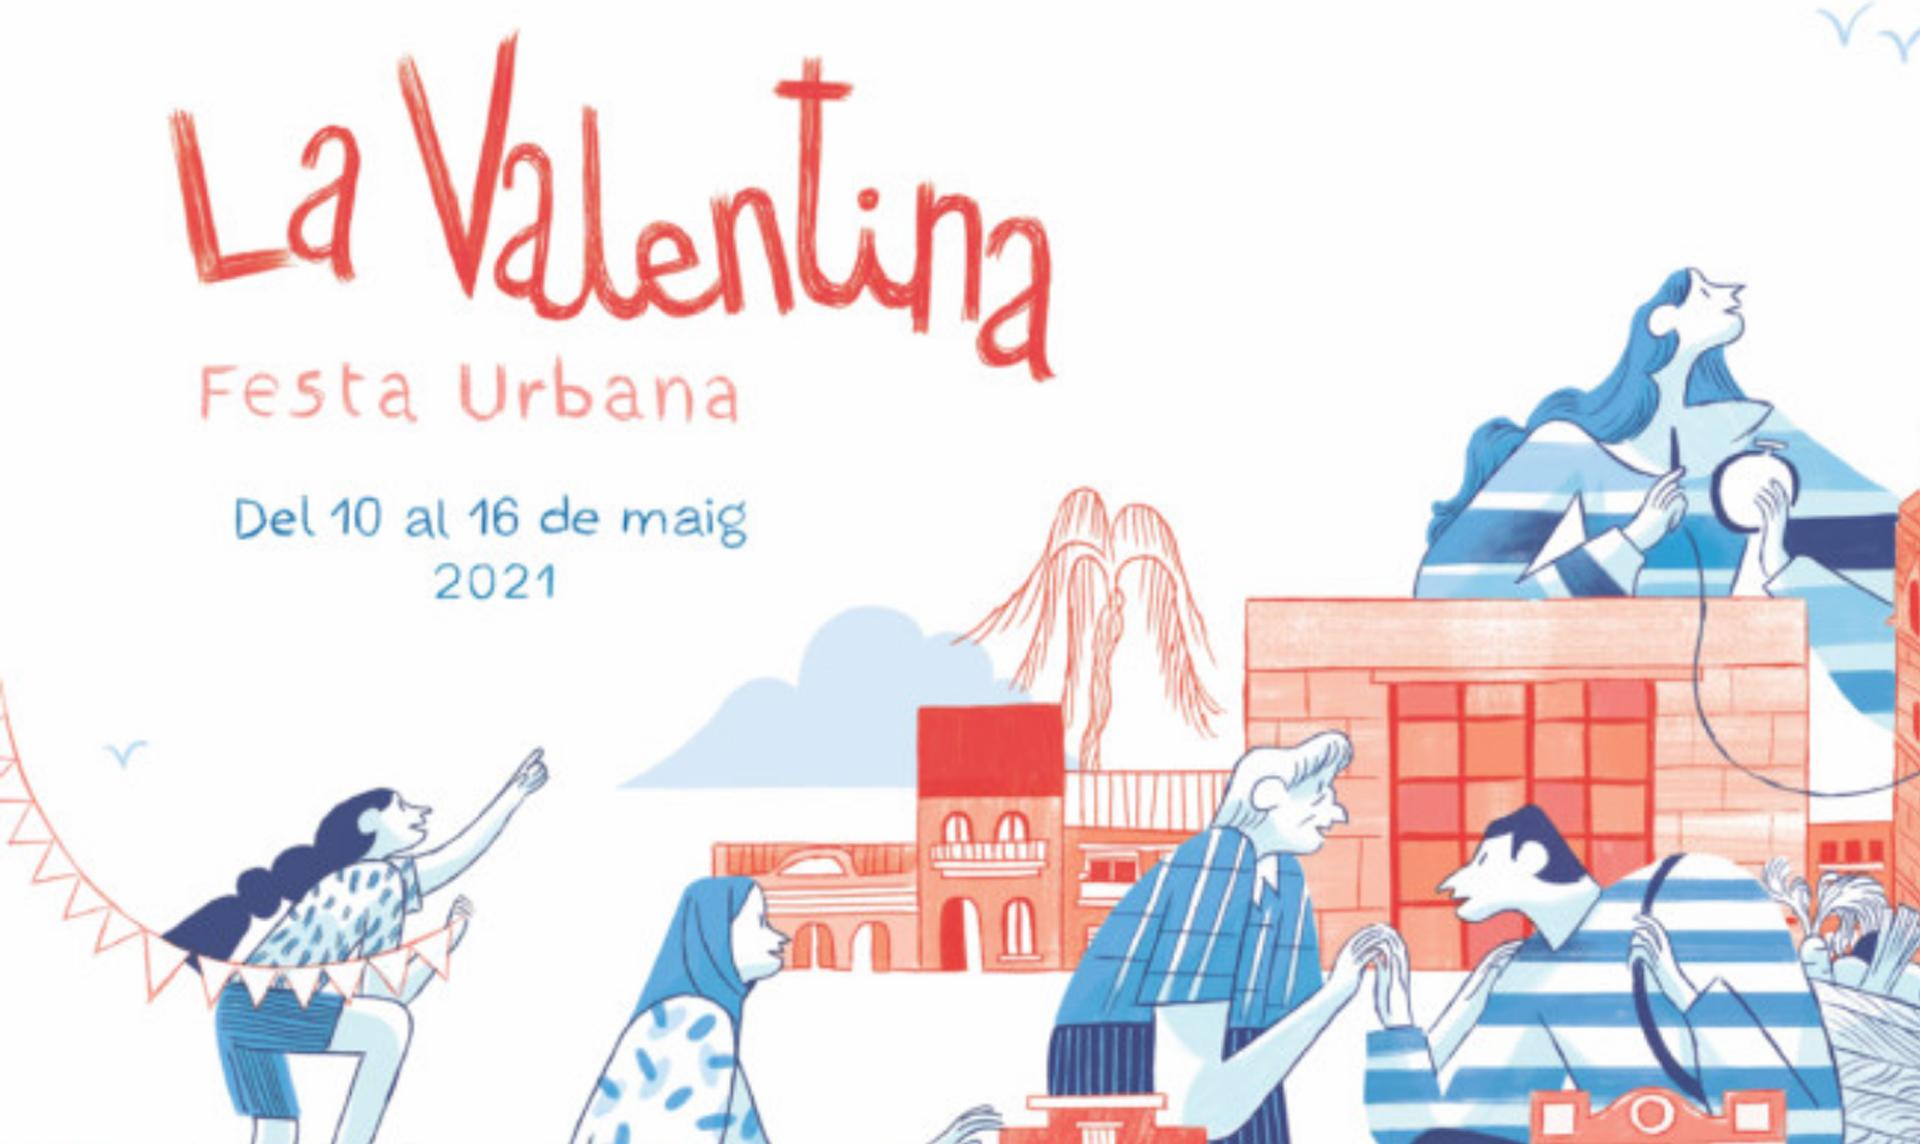 Reciclamás colabora en la tercera edición de la Semana del Urbanismo